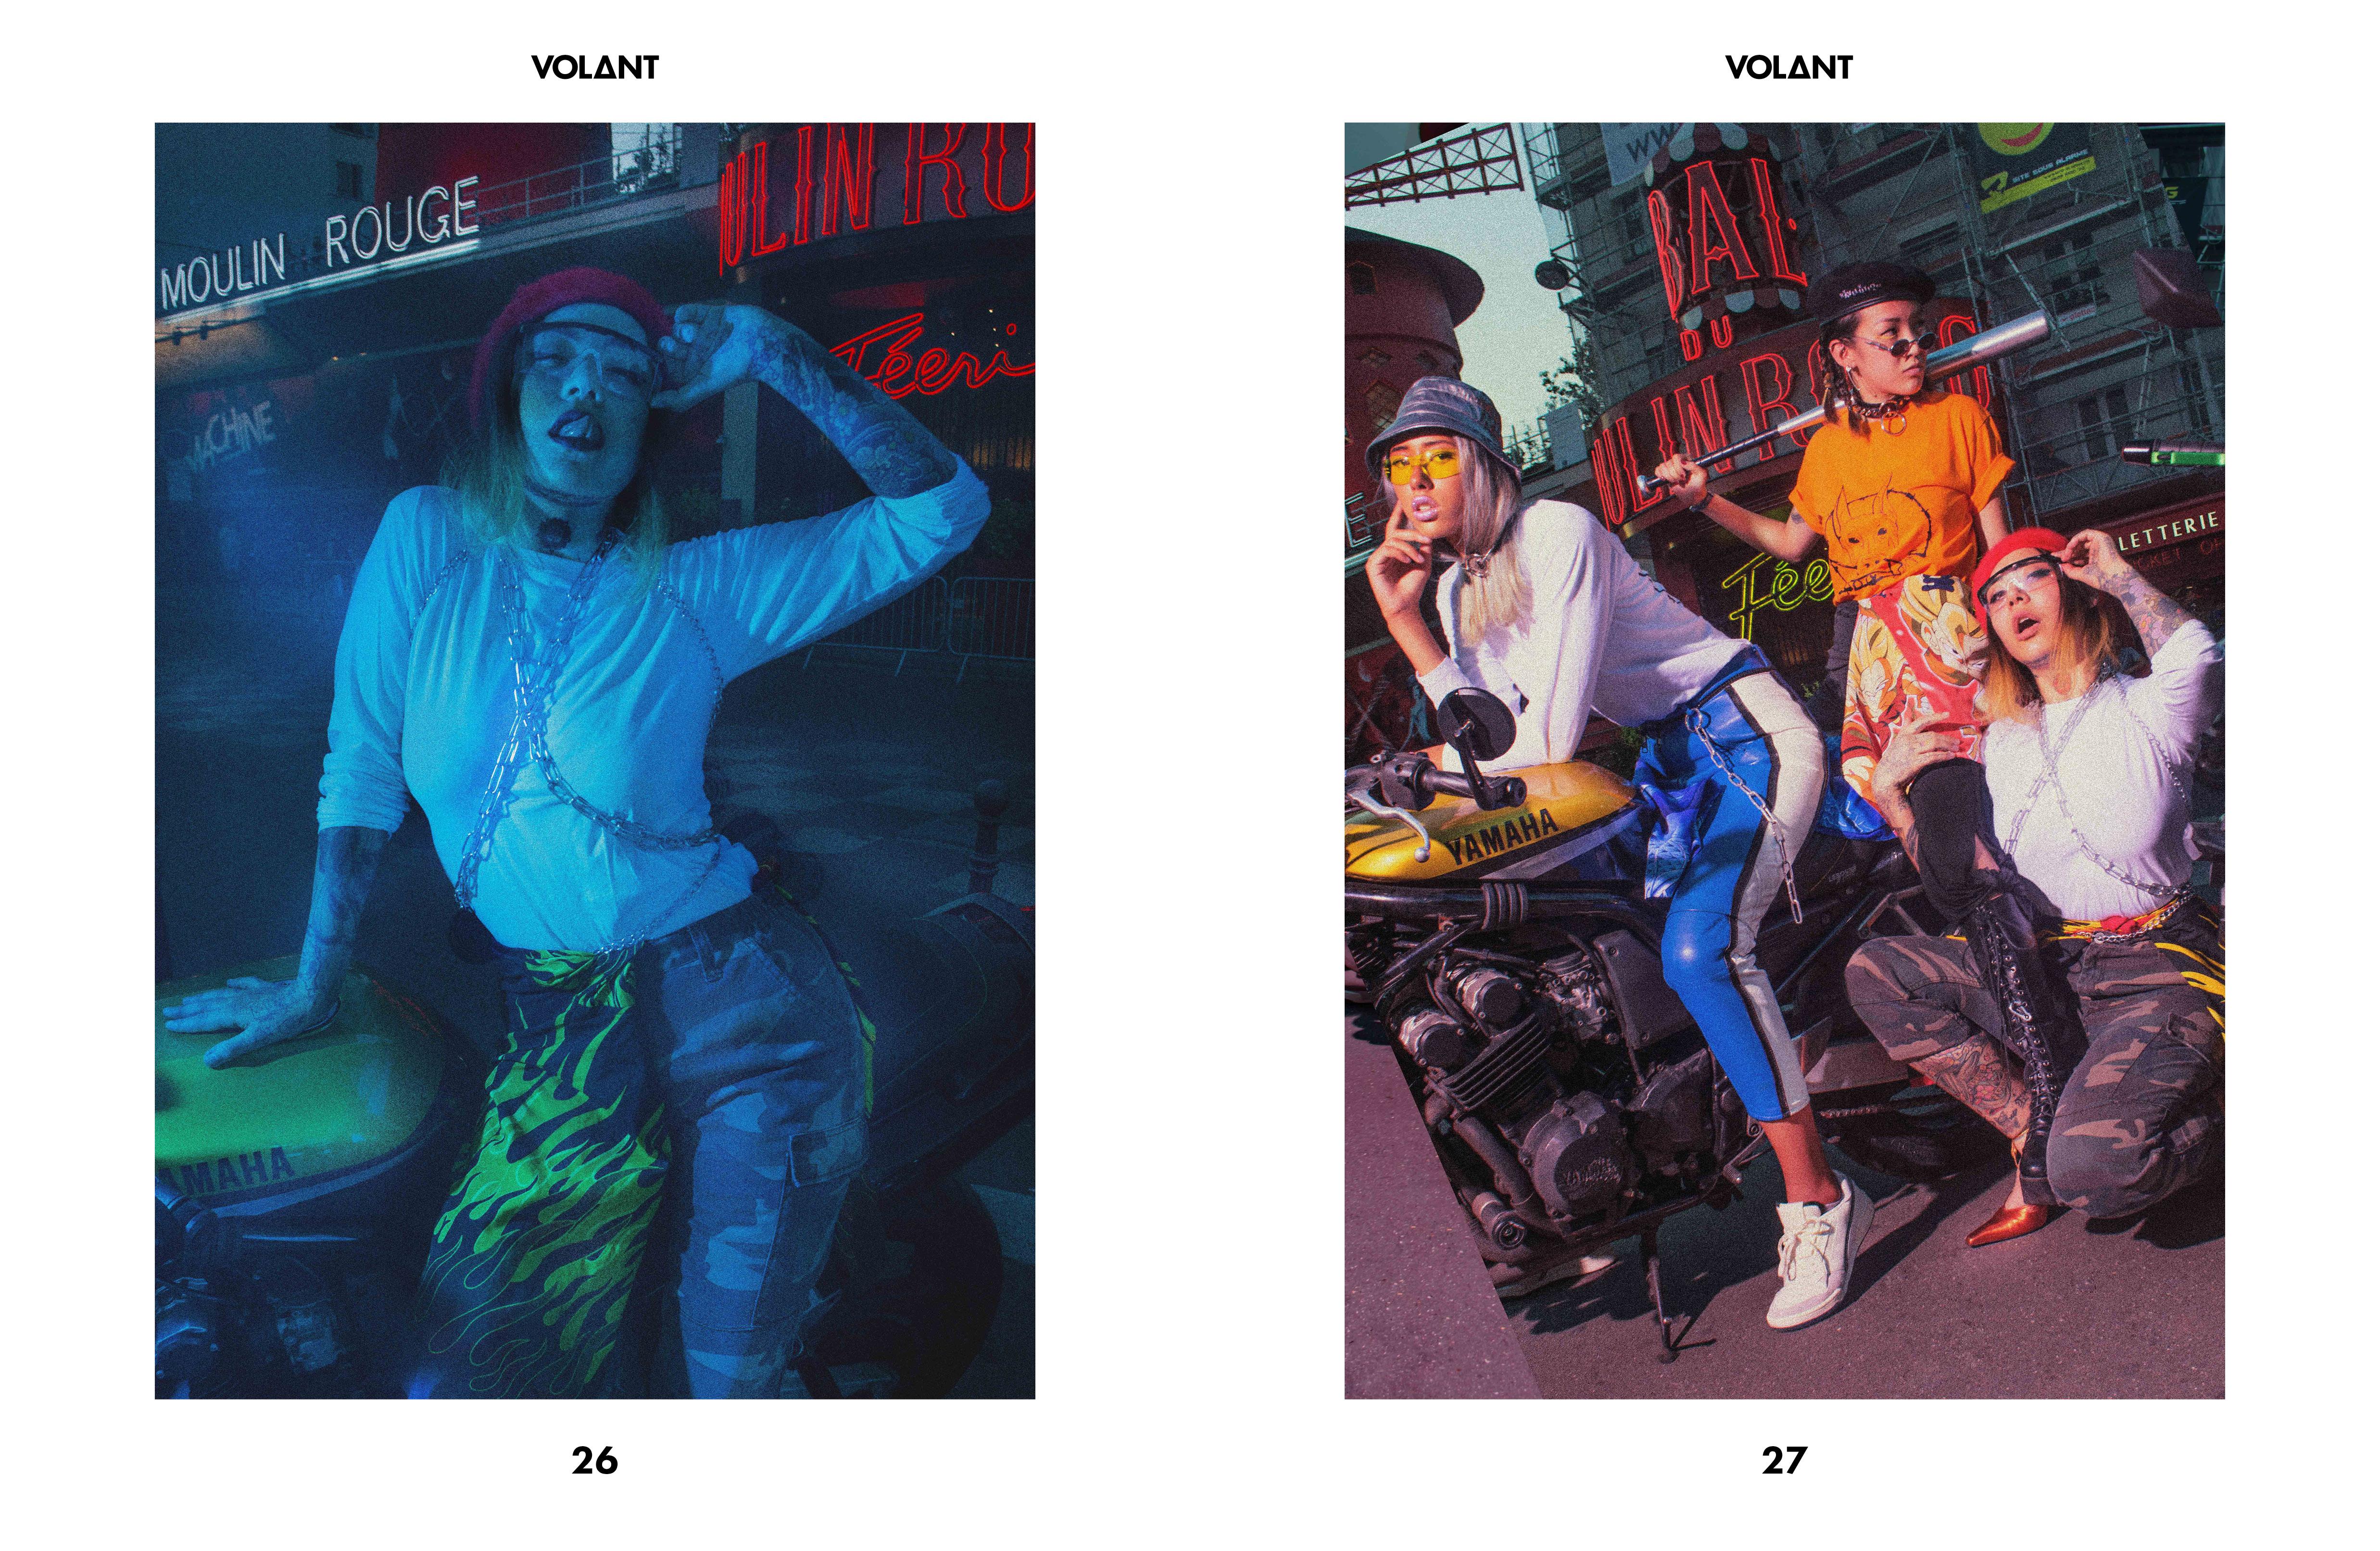 VOLANT_No05_Diversity_VOL0114